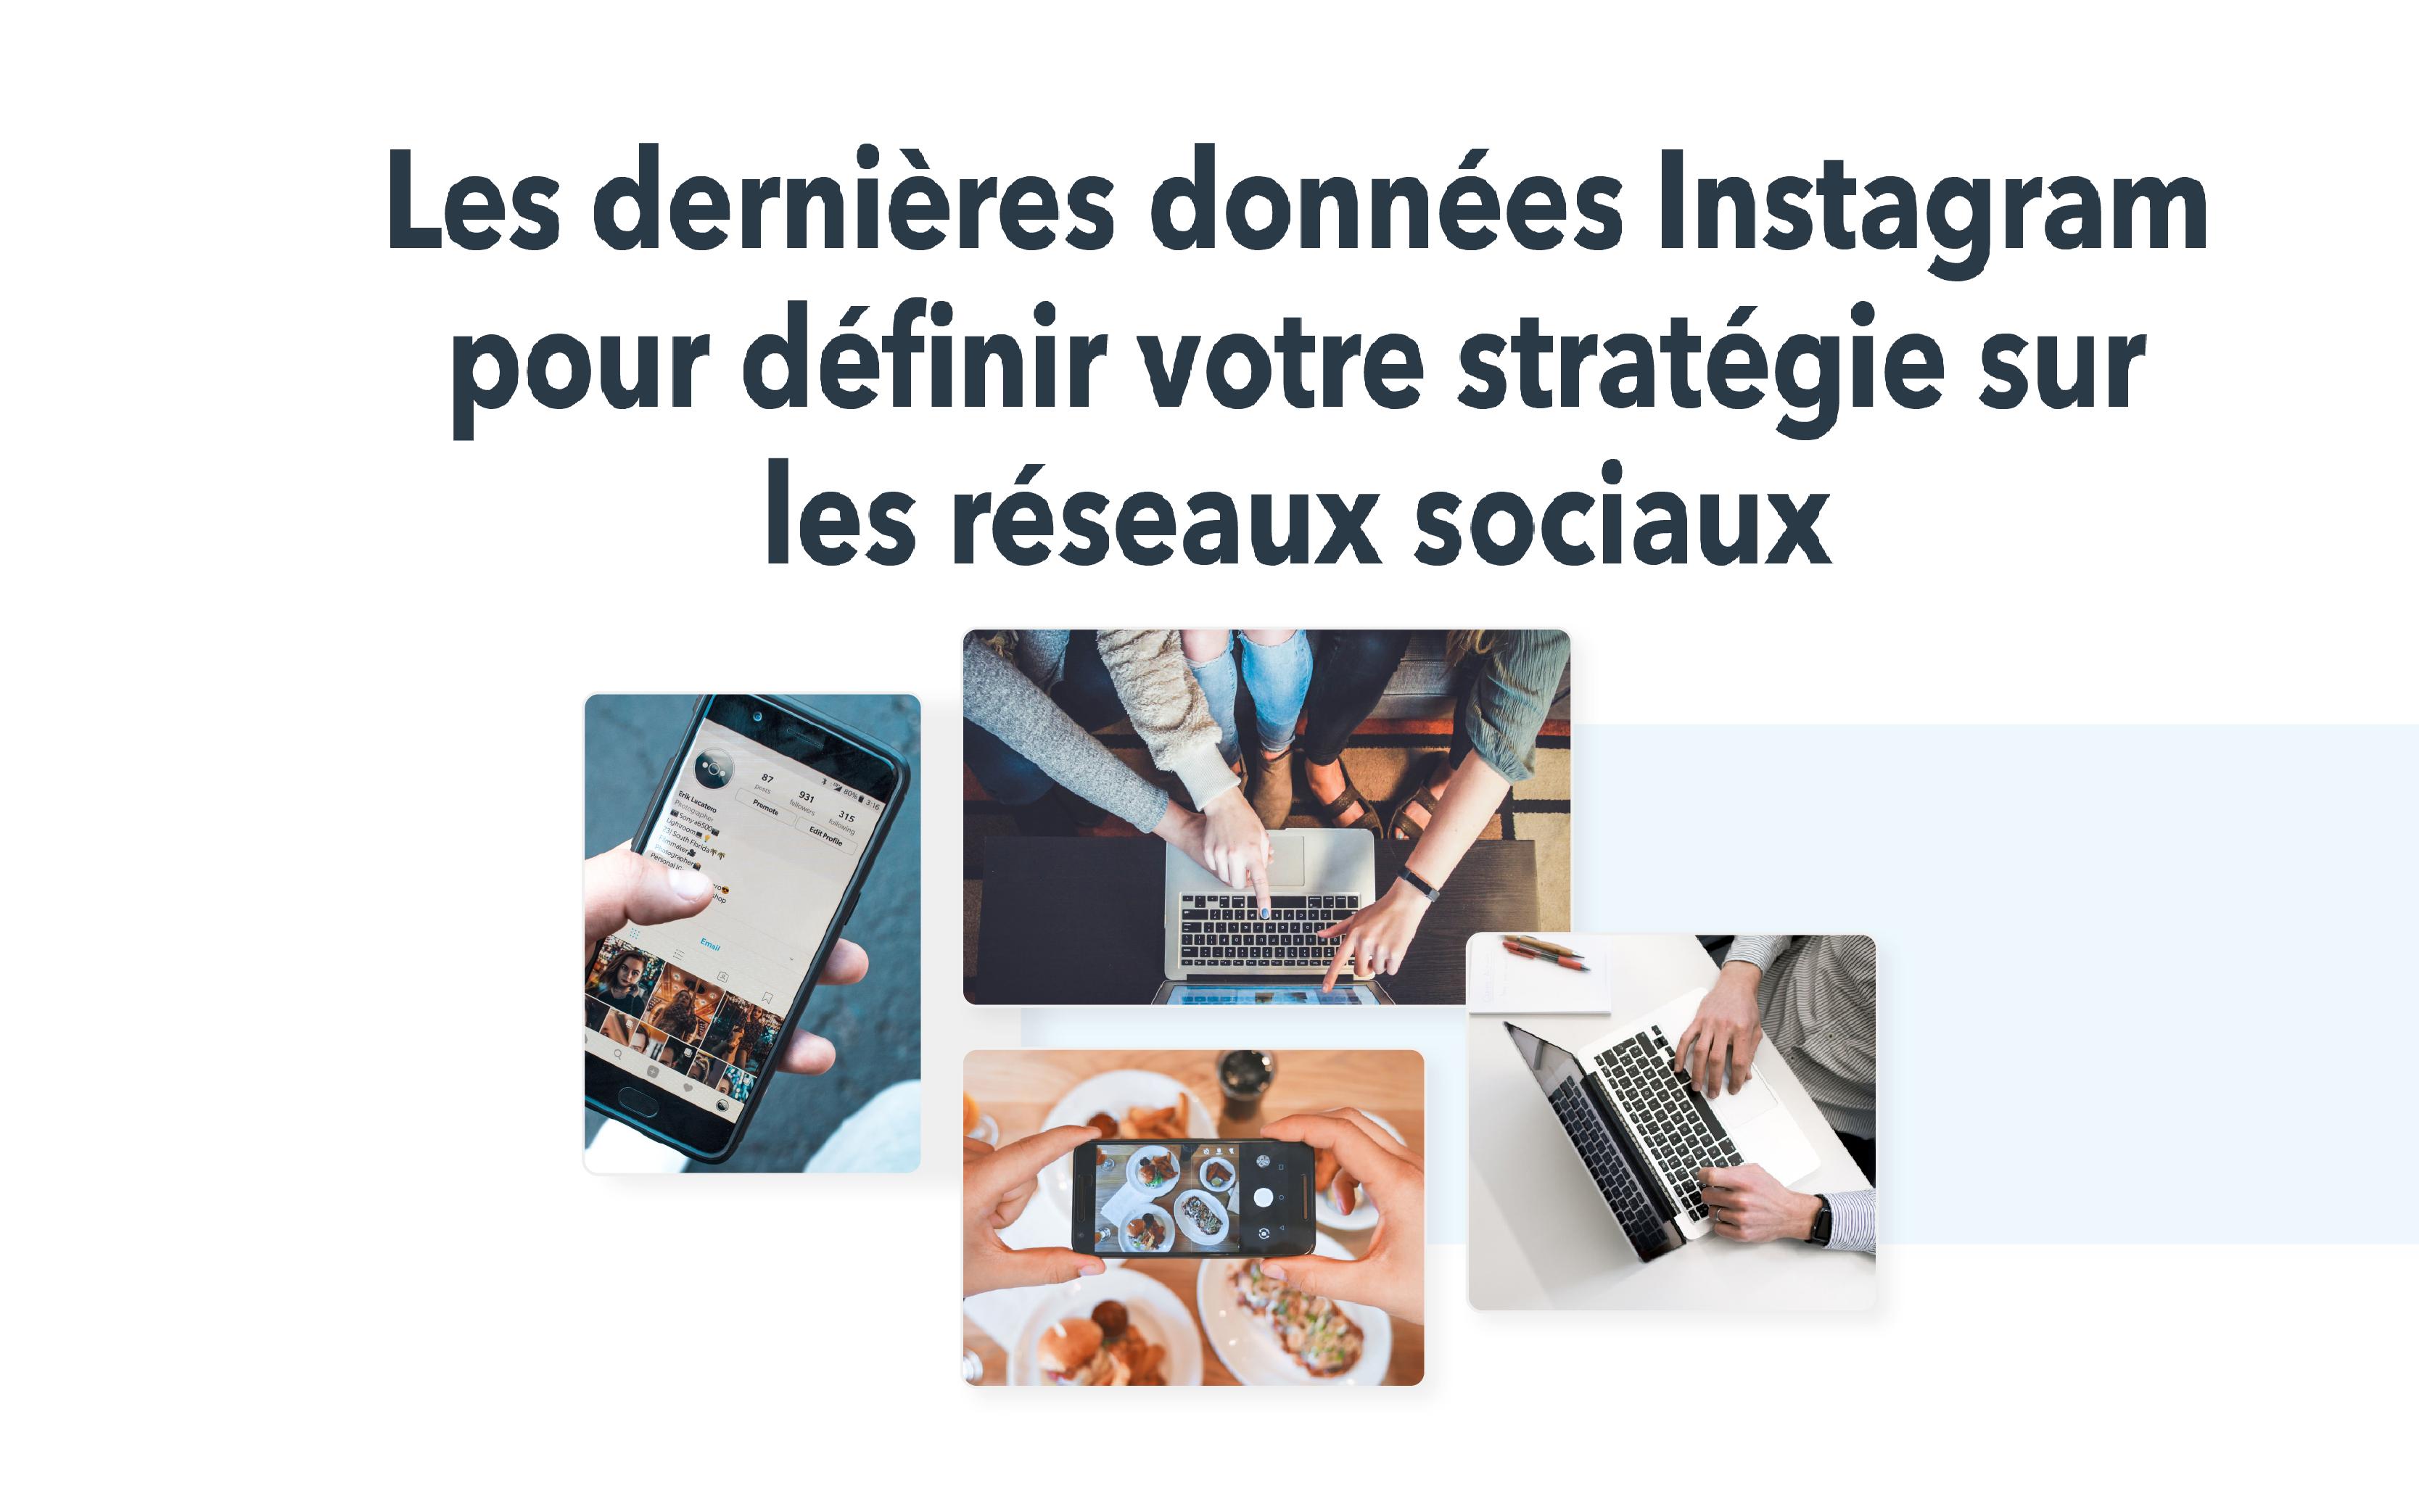 Rapport 2021 Instagram